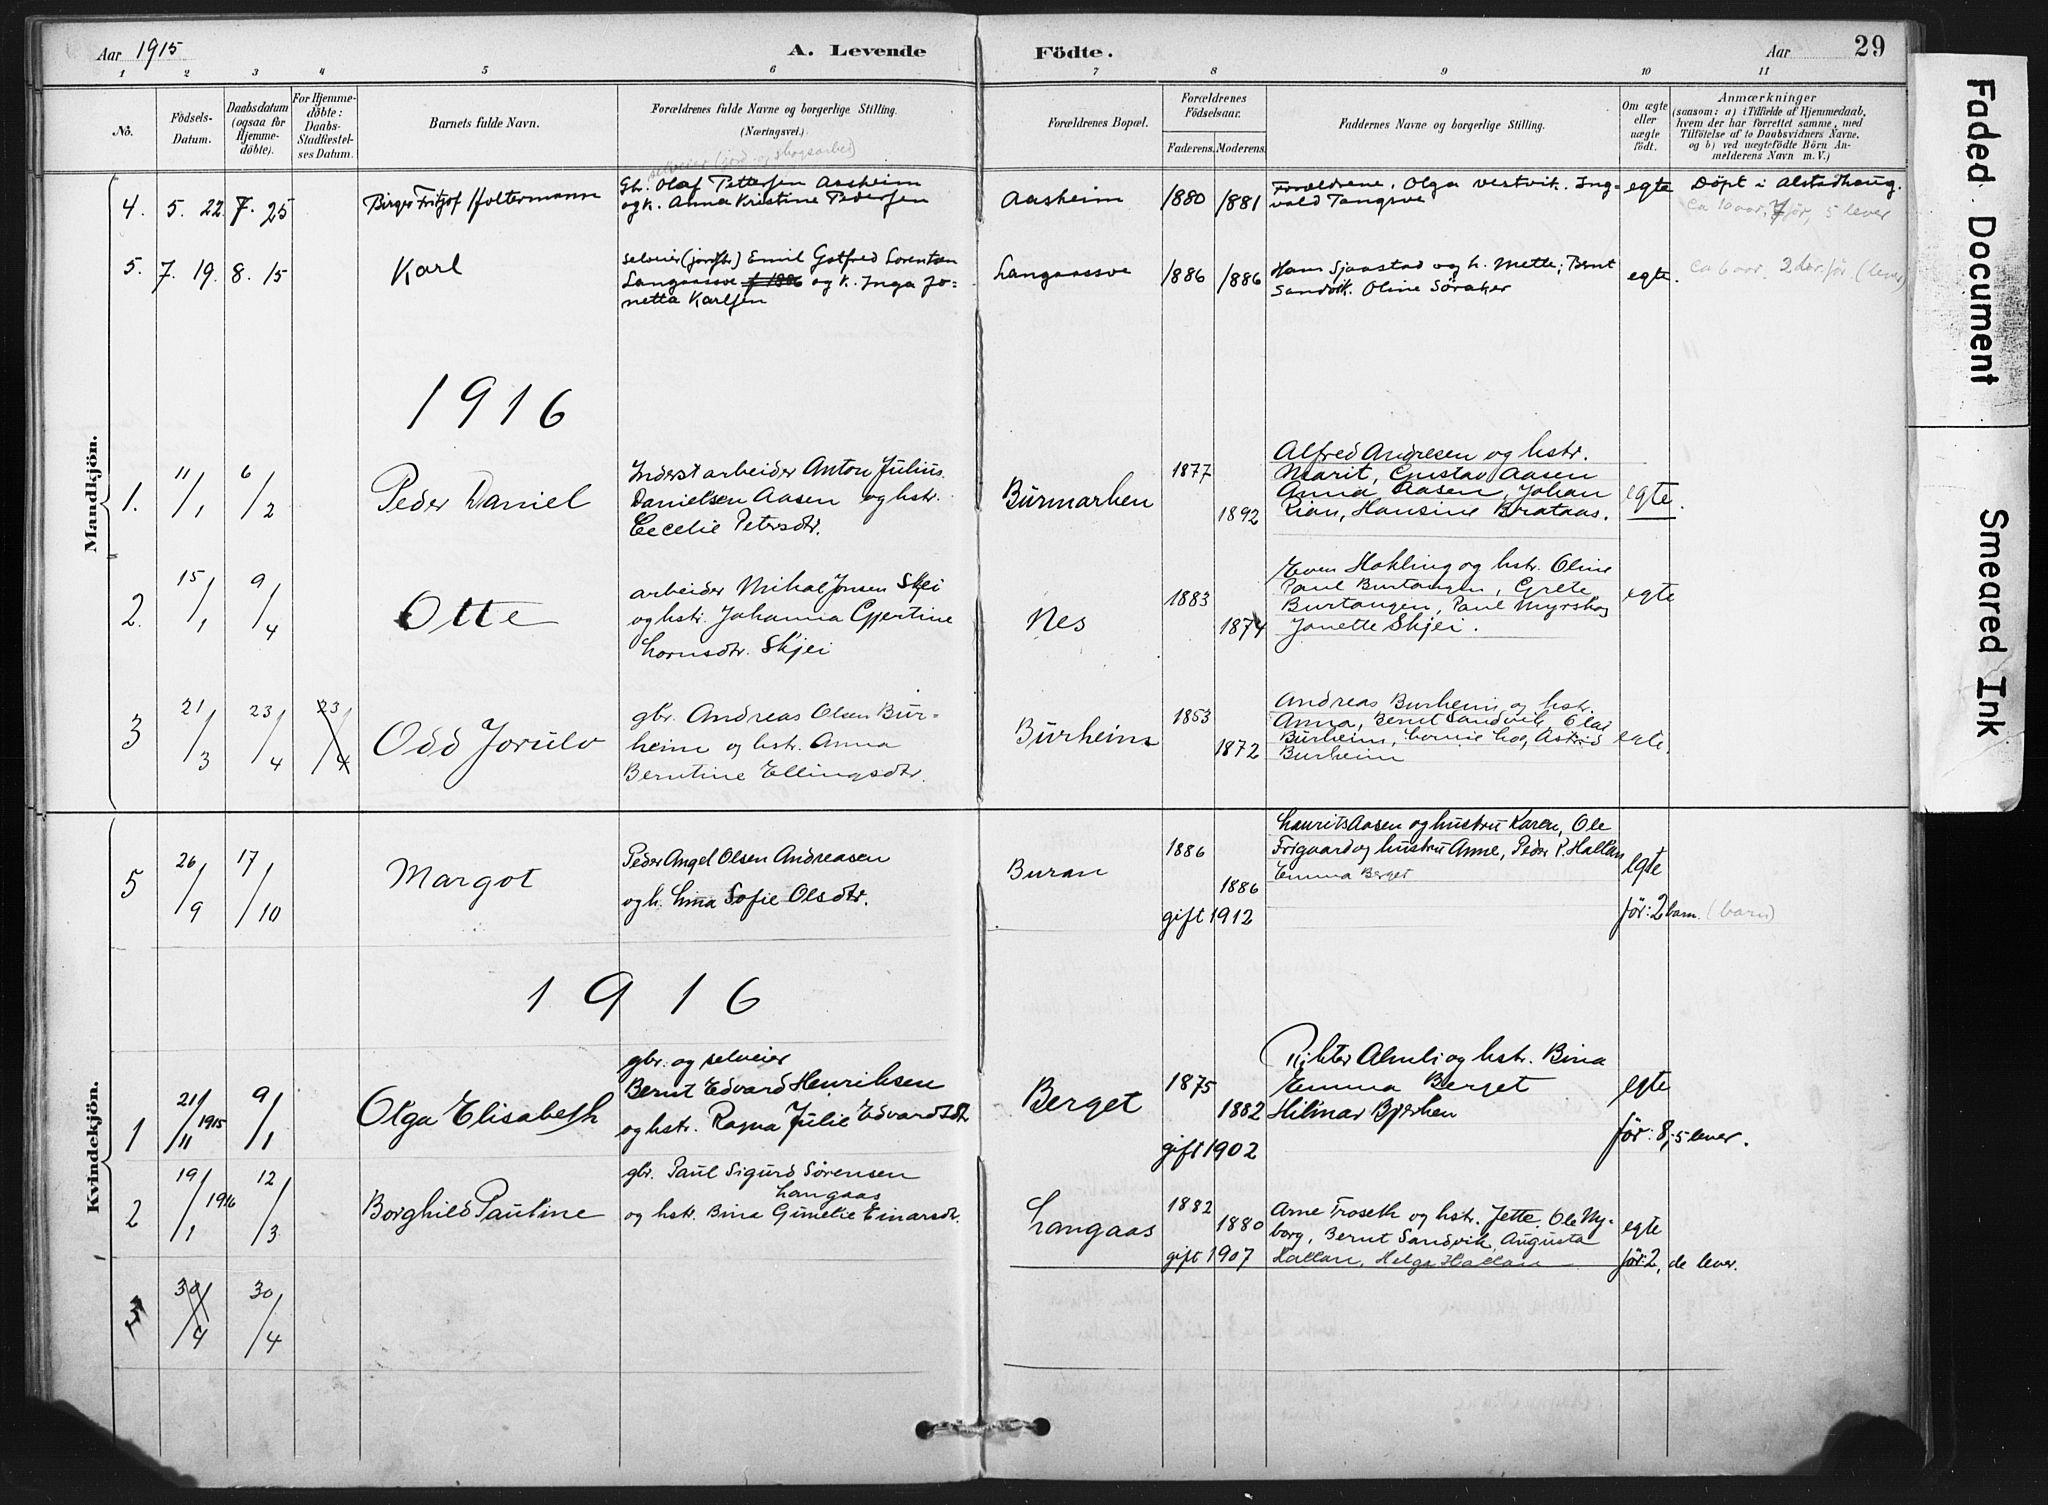 SAT, Ministerialprotokoller, klokkerbøker og fødselsregistre - Nord-Trøndelag, 718/L0175: Ministerialbok nr. 718A01, 1890-1923, s. 29